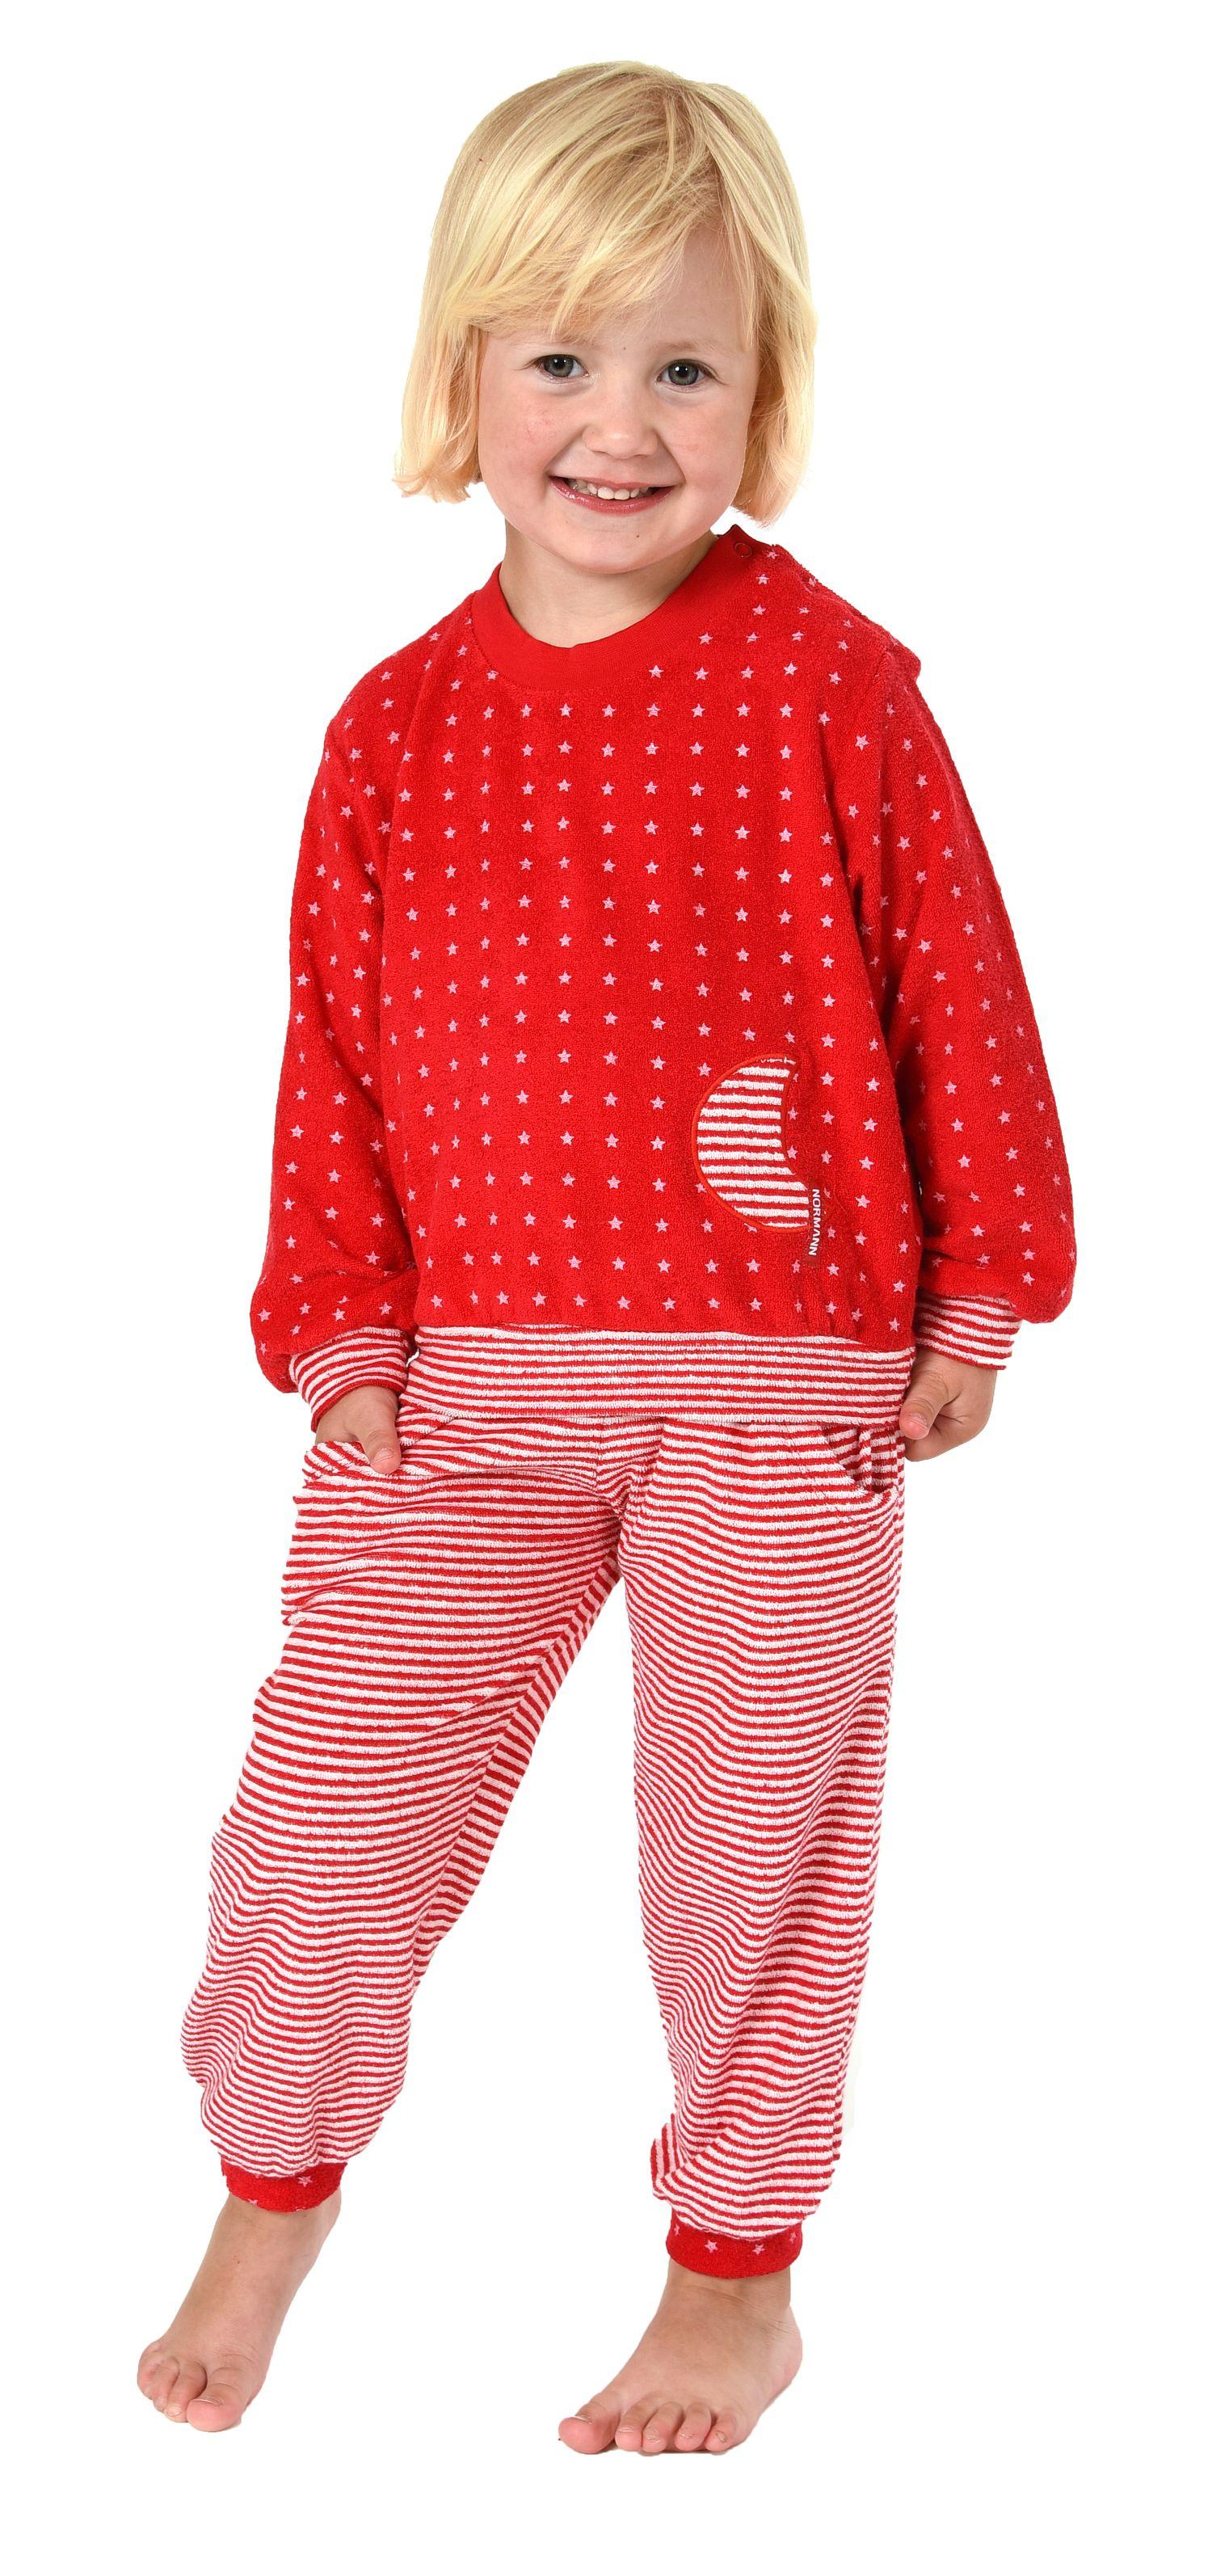 Mädchen Frottee Pyjama langarm mit Bündchen in Sterne Tupfen und Streifenoptik 86 - 110 – Bild 2